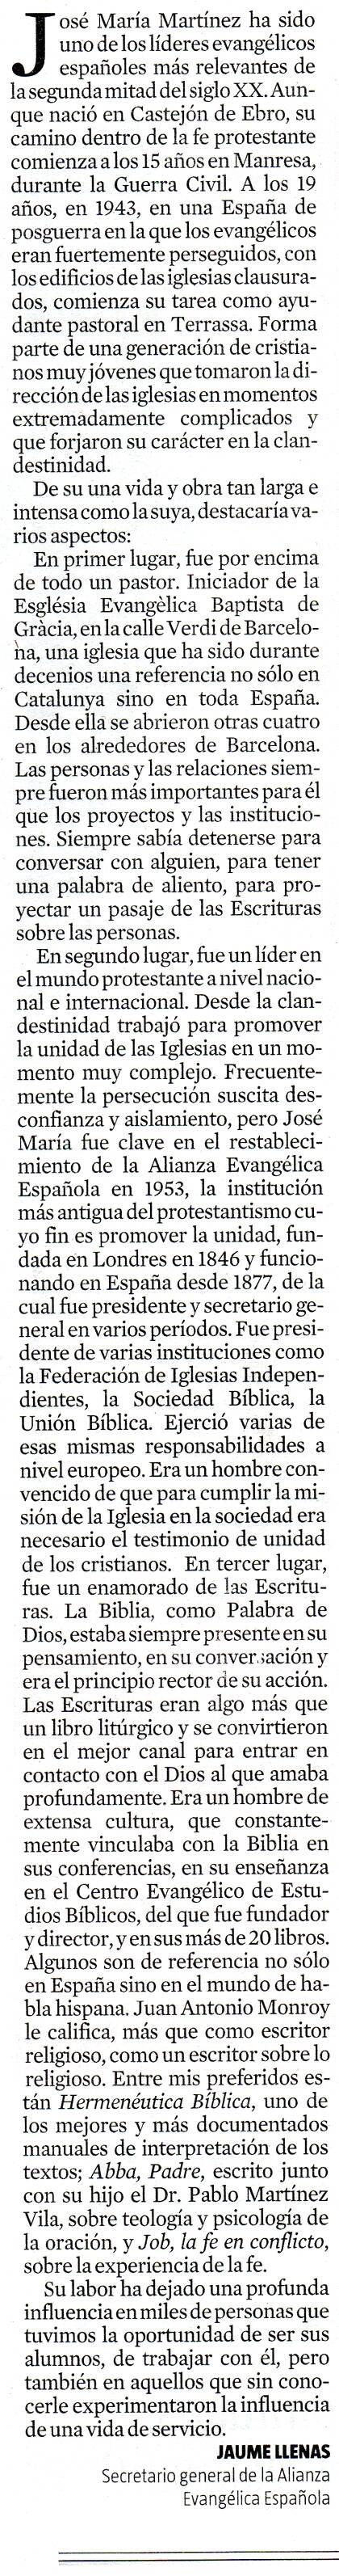 El artículo de Jaume Llenas en La Vanguardia